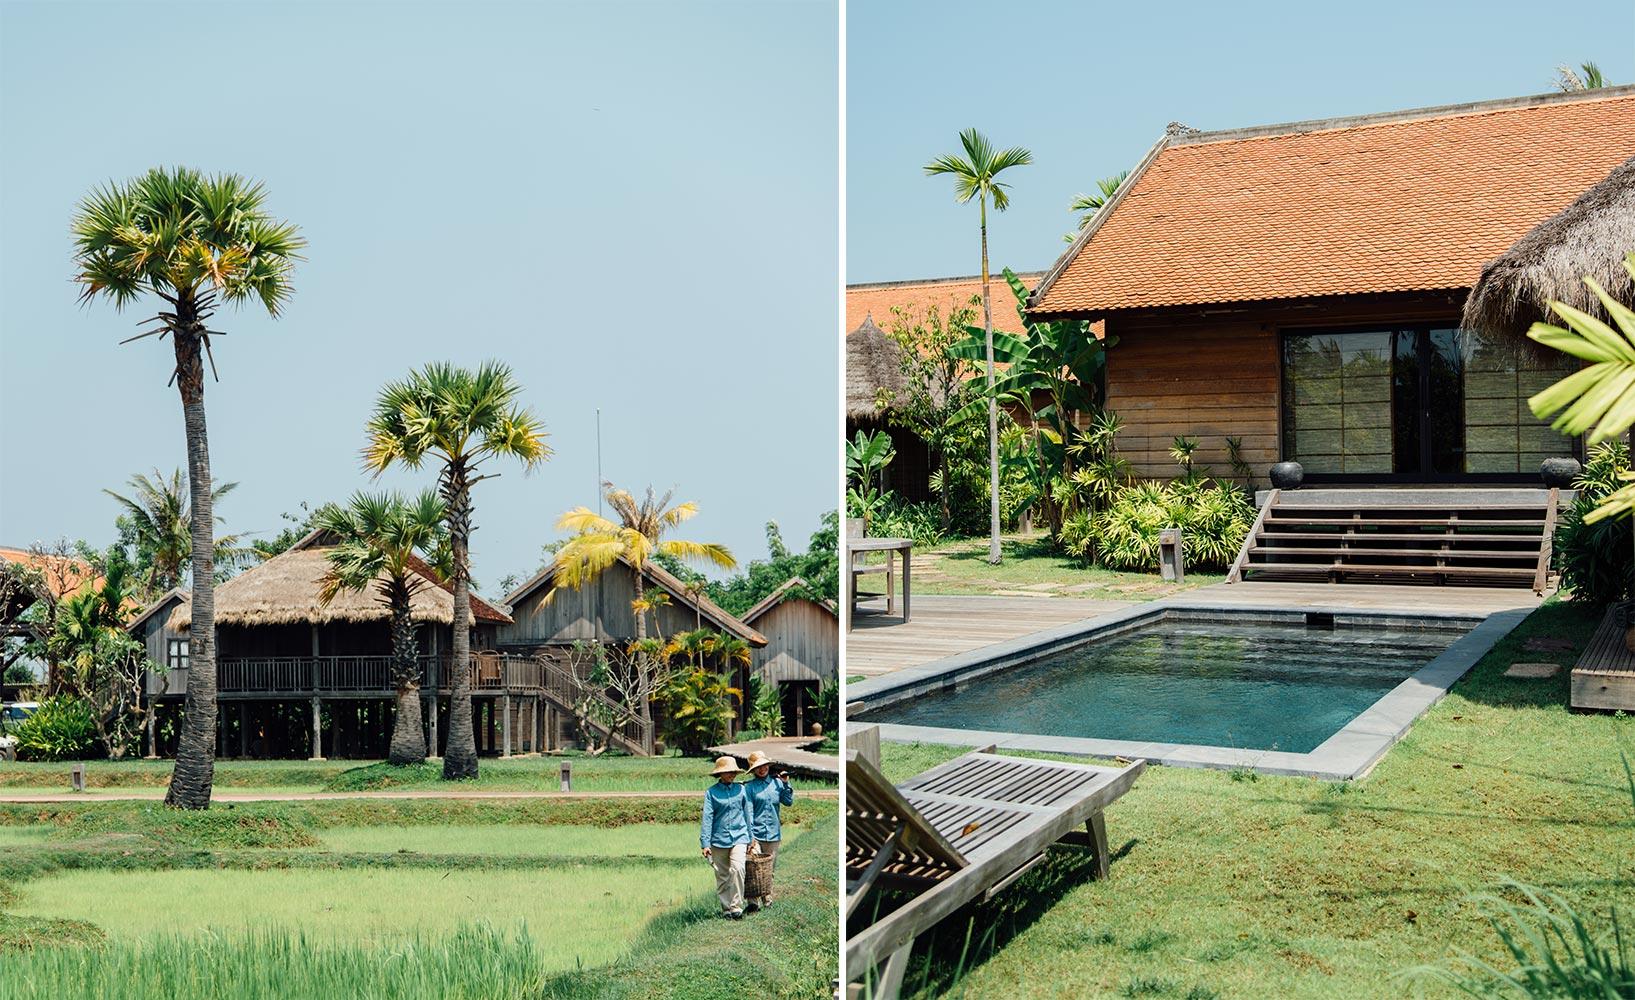 Charming Einfache Dekoration Und Mobel Authentischer Urlaub Im Designhotel Phum Baitang #11: Poolvilla Phum Baitang